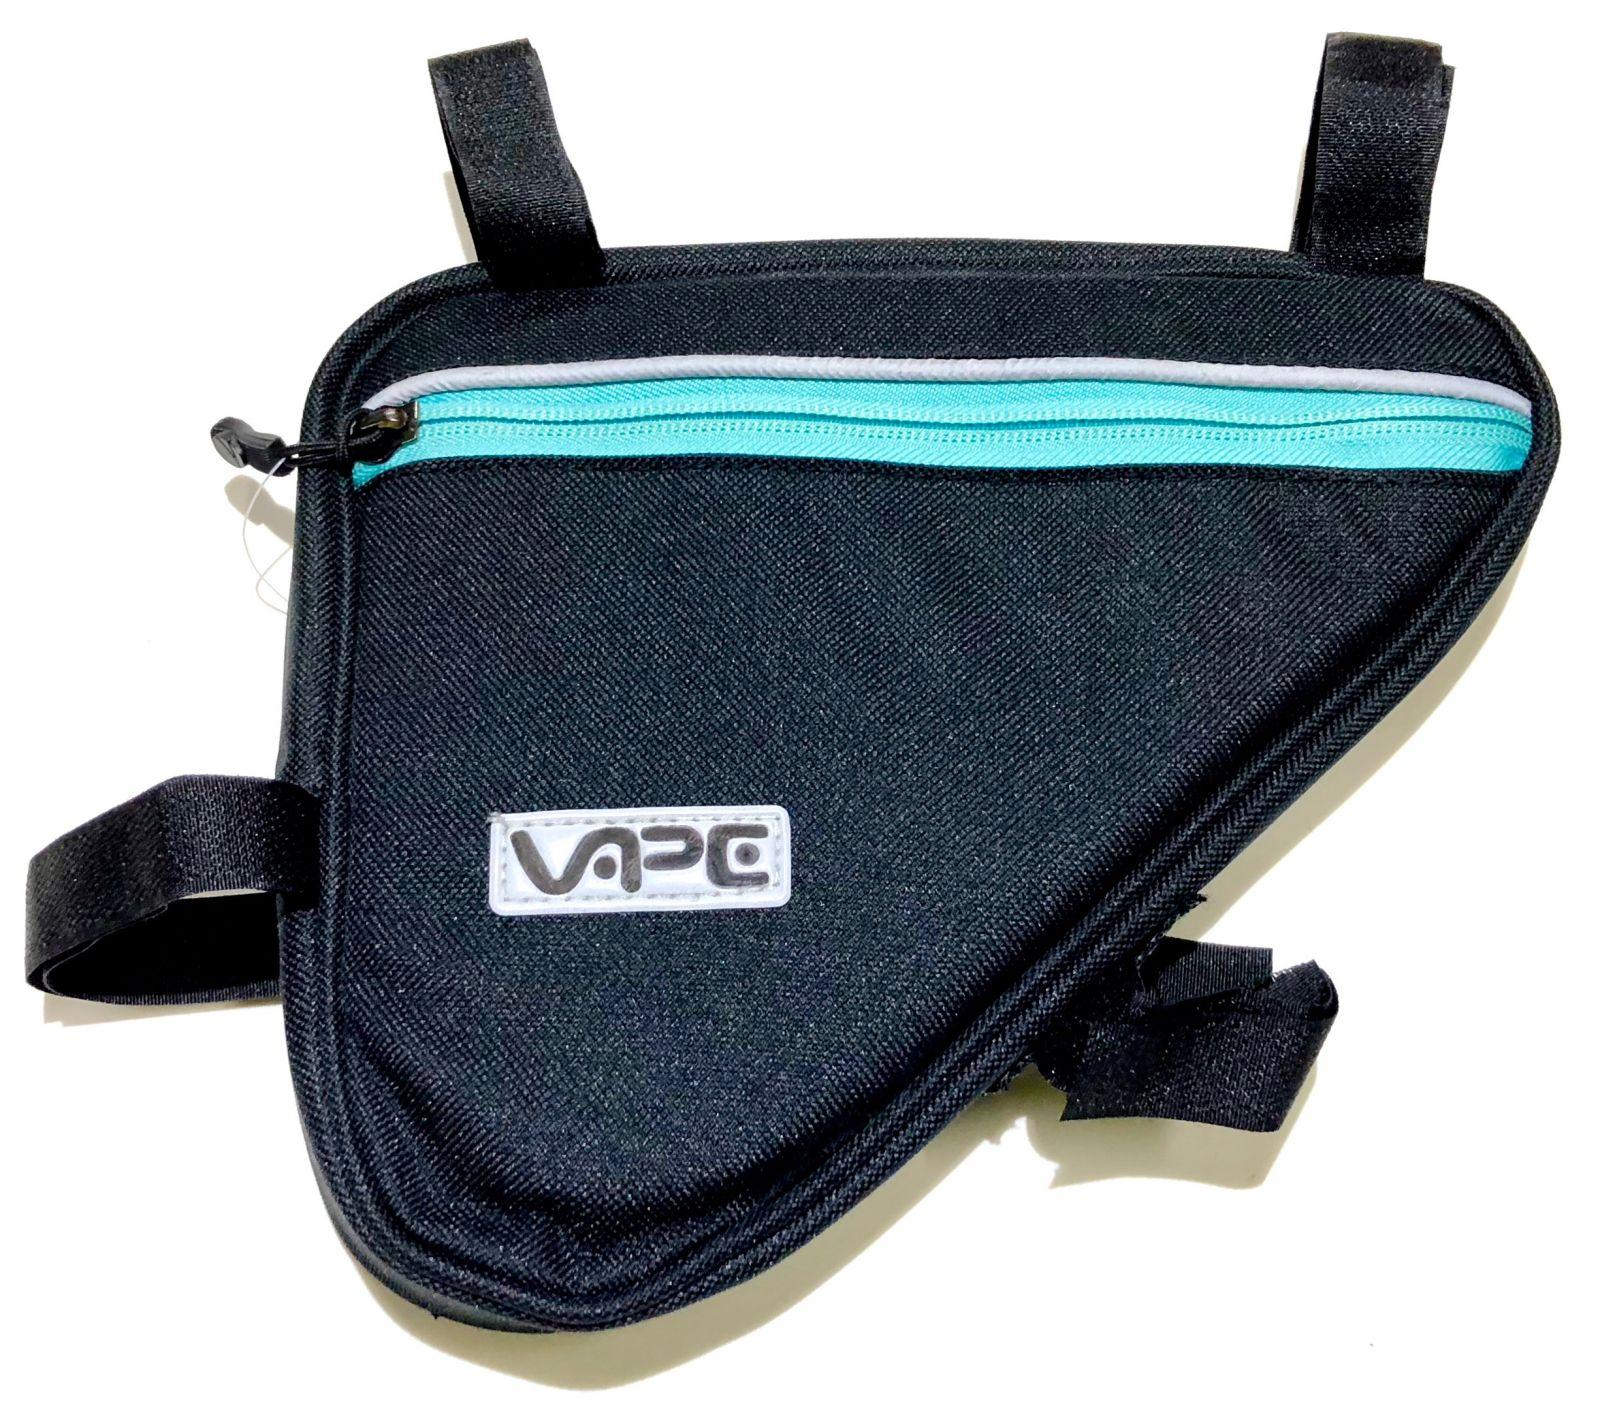 Brašna do rámu Vape trojůhelník 3 kapsy 2x zip 1x síť surf blue